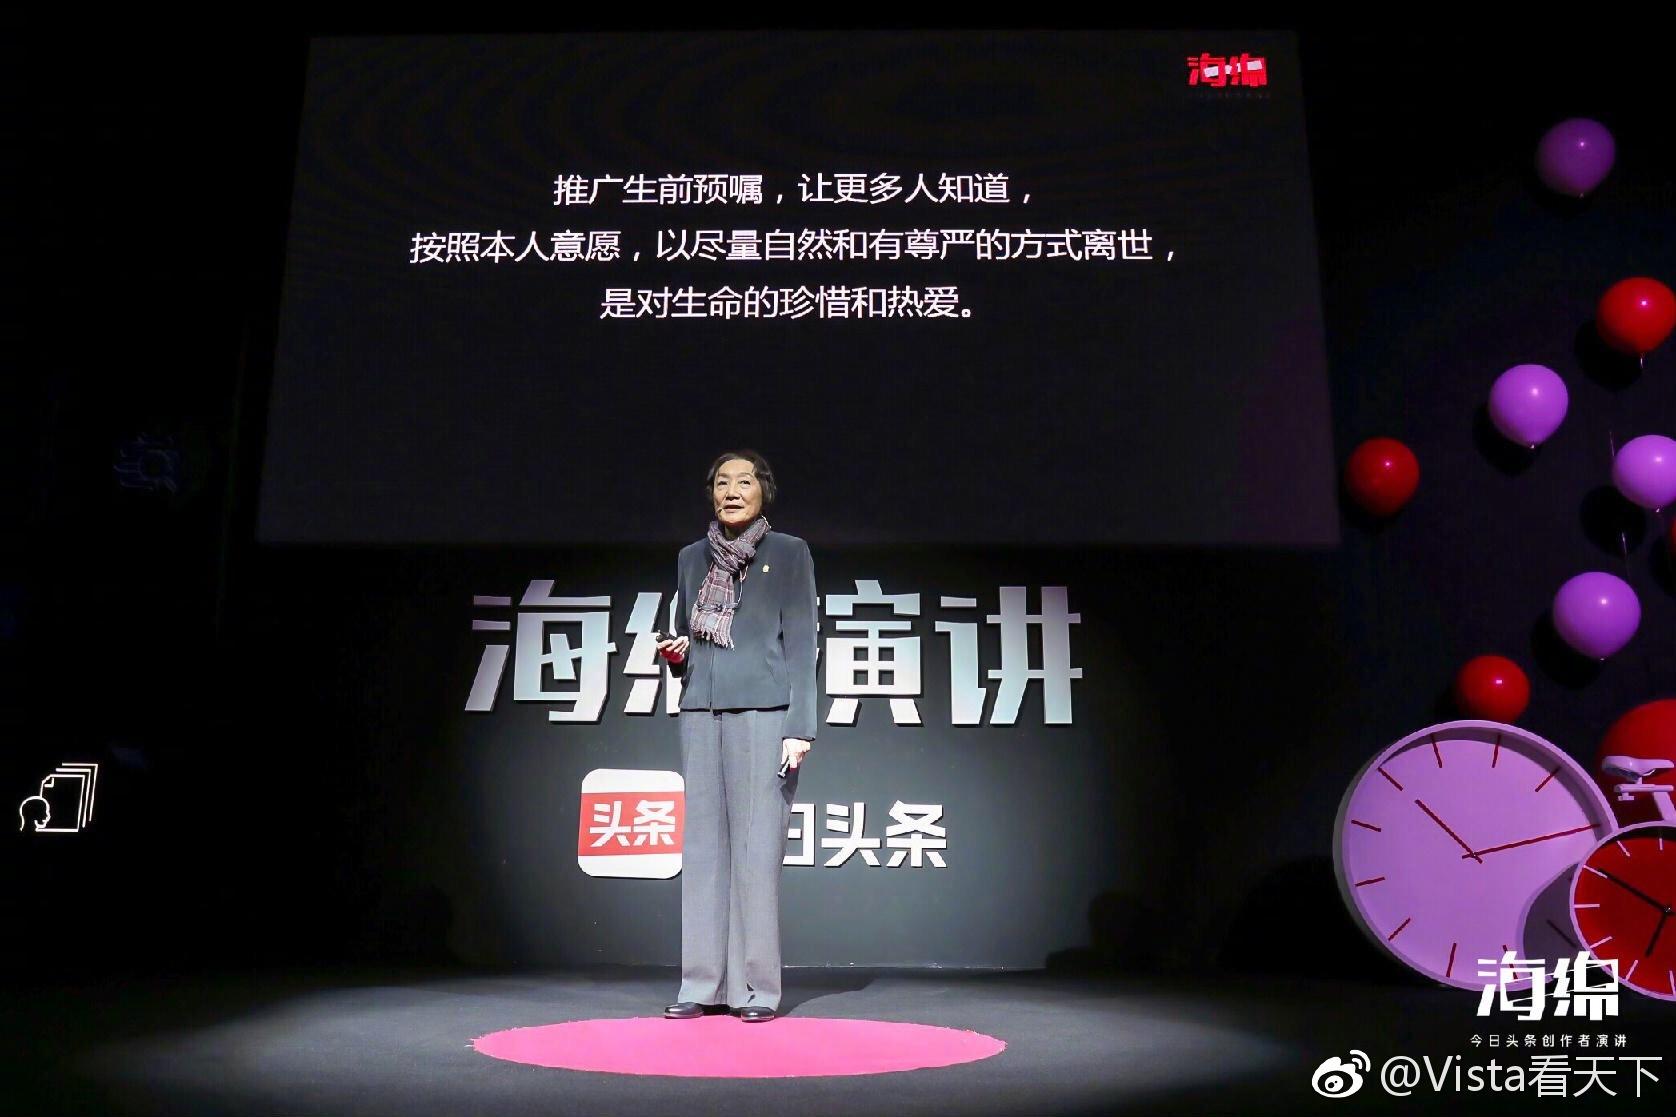 雷克萨斯拟在中国等地推出首款纯电动车_500彩票澳洲三分彩